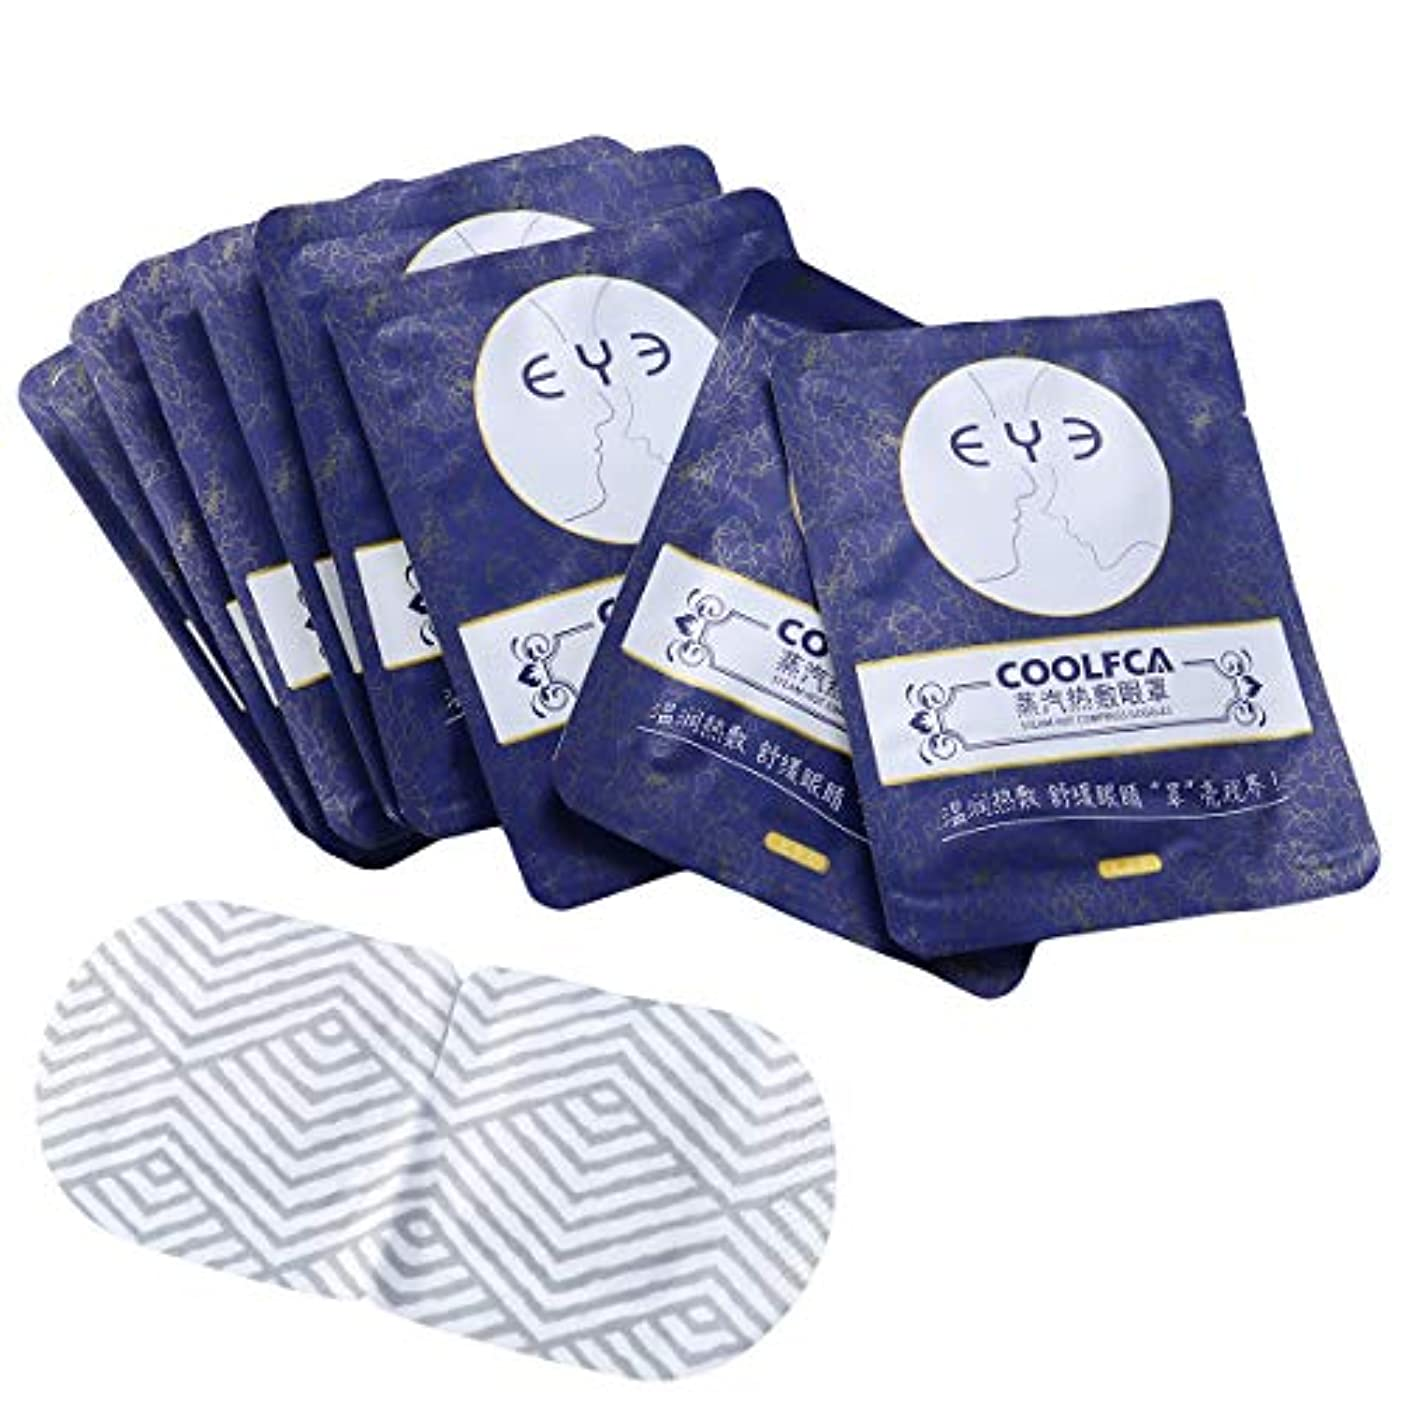 瀬戸際酸度警告HEALIFTY アイセラピーマスク10ピーススチーム暖かいアイマスクパッチホットスージング使い捨てパッド用アイケアスパ無香料